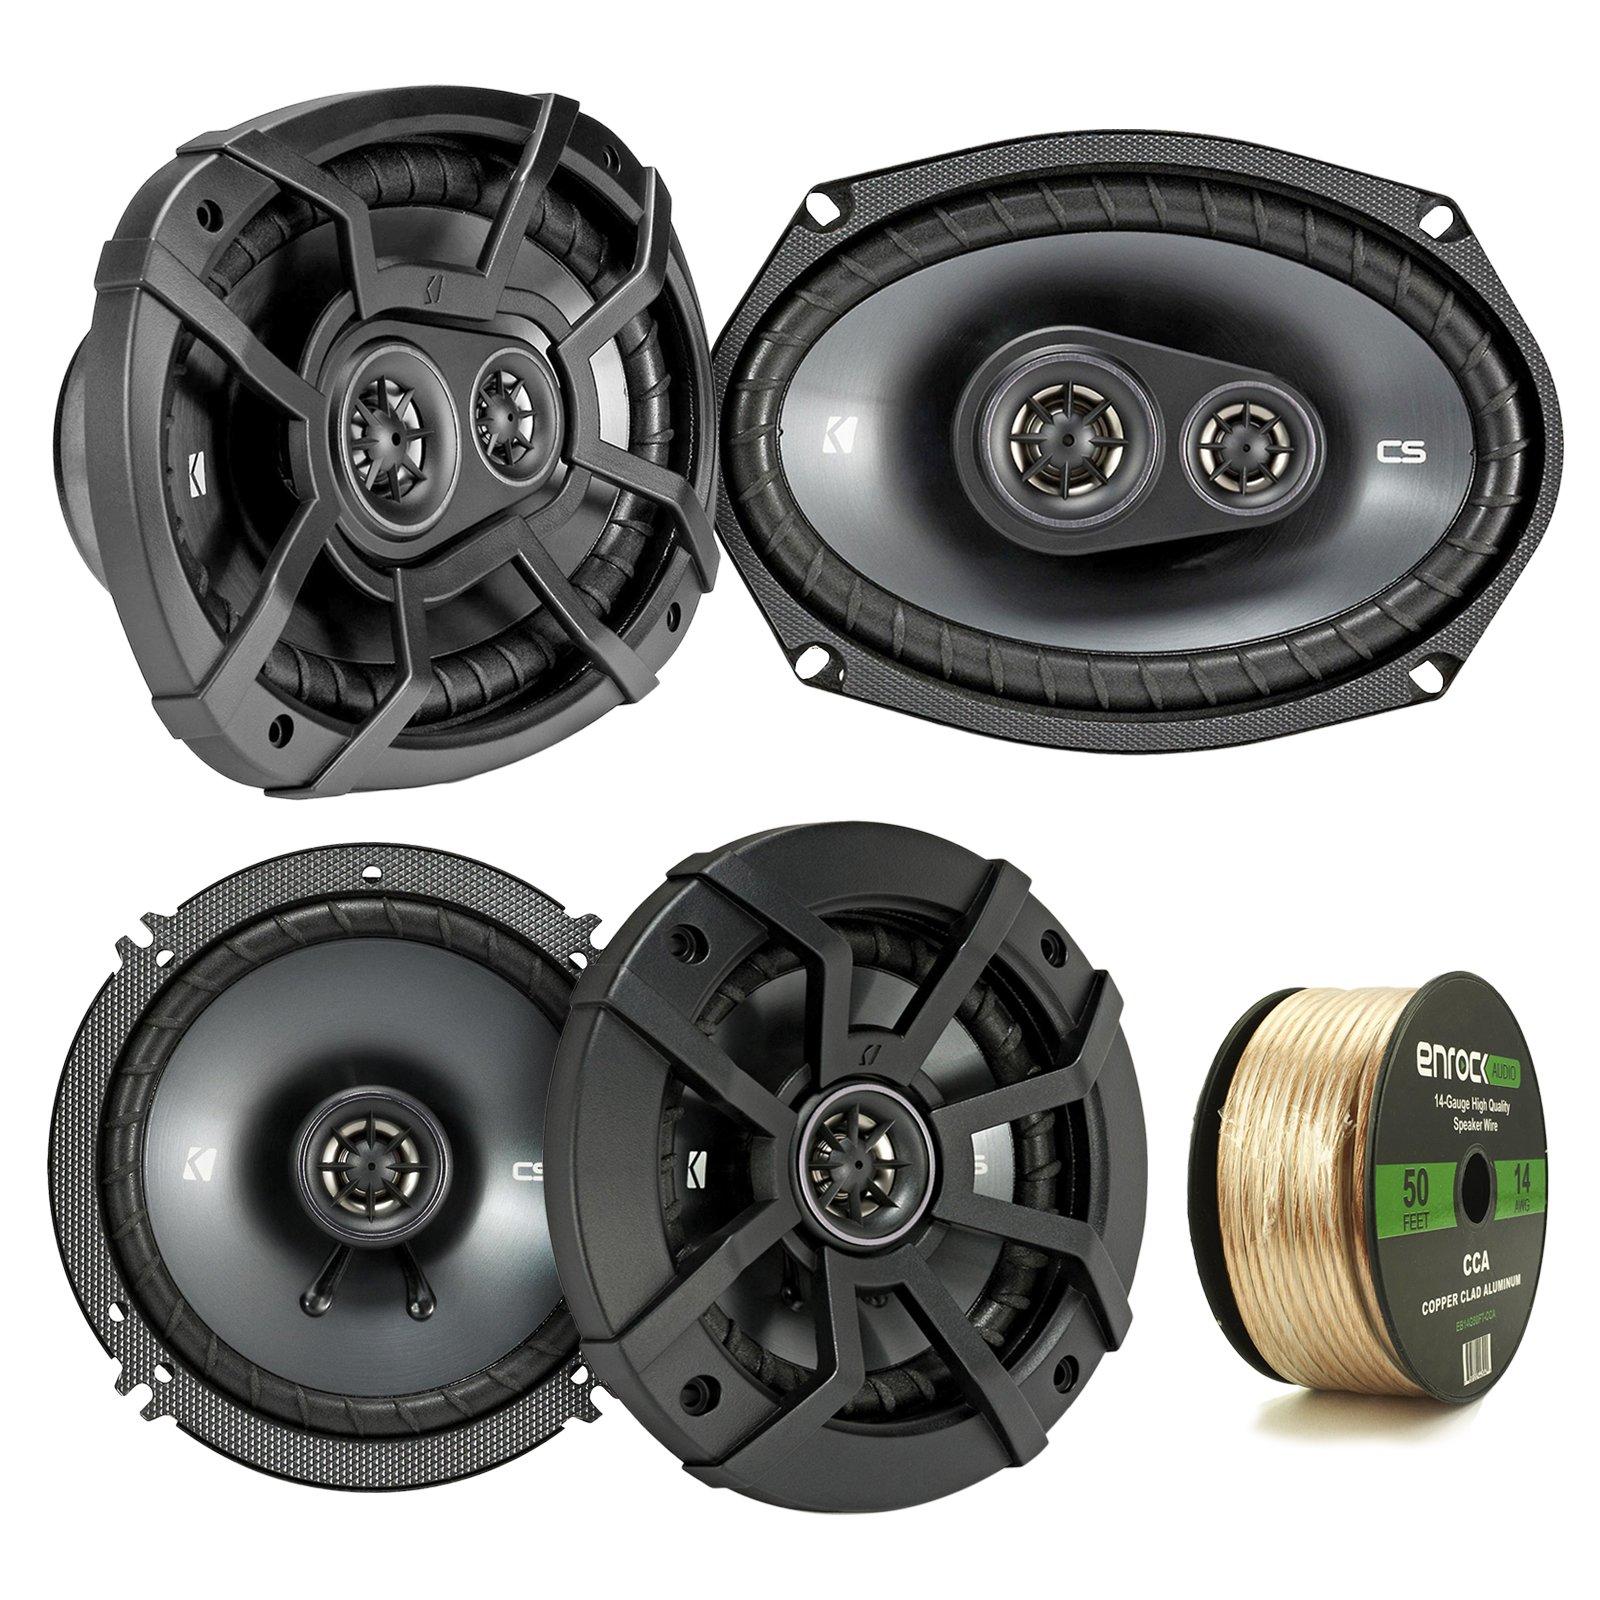 2 Pair Car Speaker Package Of 2x Kicker CSC654 600-Watt 6.5'' Inch 2-Way Black Coaxial Speakers + 2x CSC6934 900W 6x9'' CS Series 3-Way Speakers - Bundle Combo With Enrock 50 Foot 14 Gauge Speaker Wire